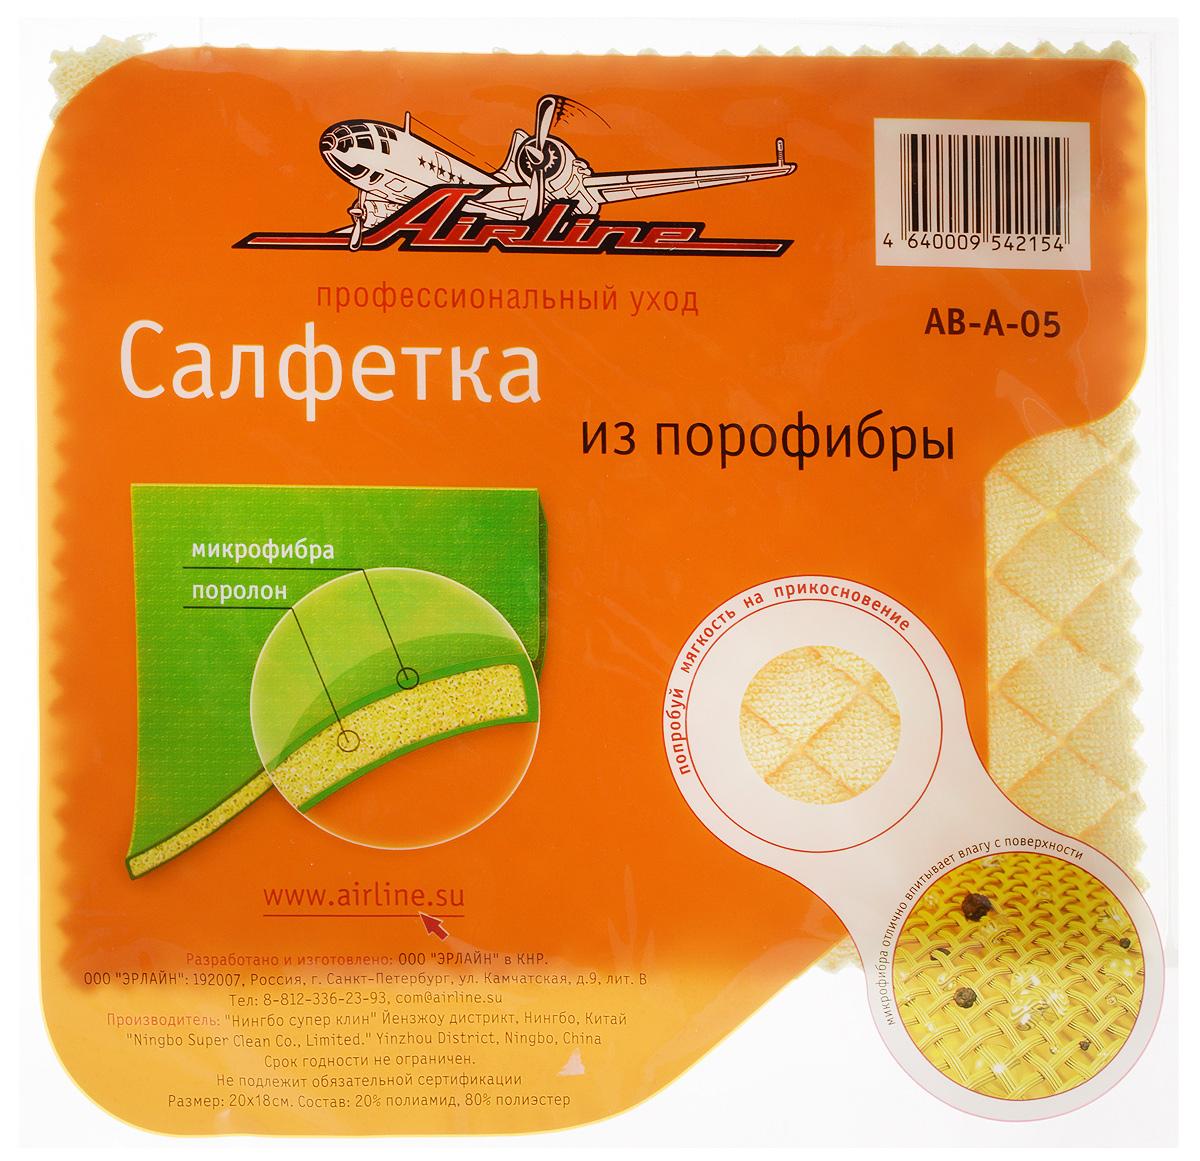 Салфетка Airline, цвет: желтый, 20 х 18 см68/3/7Салфетка Airline, выполненная из порофибры, идеально подходит для очистки и полировки всех типов лакировочных, хромированных, пластиковых, зеркальных и стеклянных поверхностей. Мягкий и обильно впитывающий влагу поролон соединен с микрофибровой тканью, которая гладко устраняет грязь с поверхности, устраняя разводы и не оставляя следов ворса.